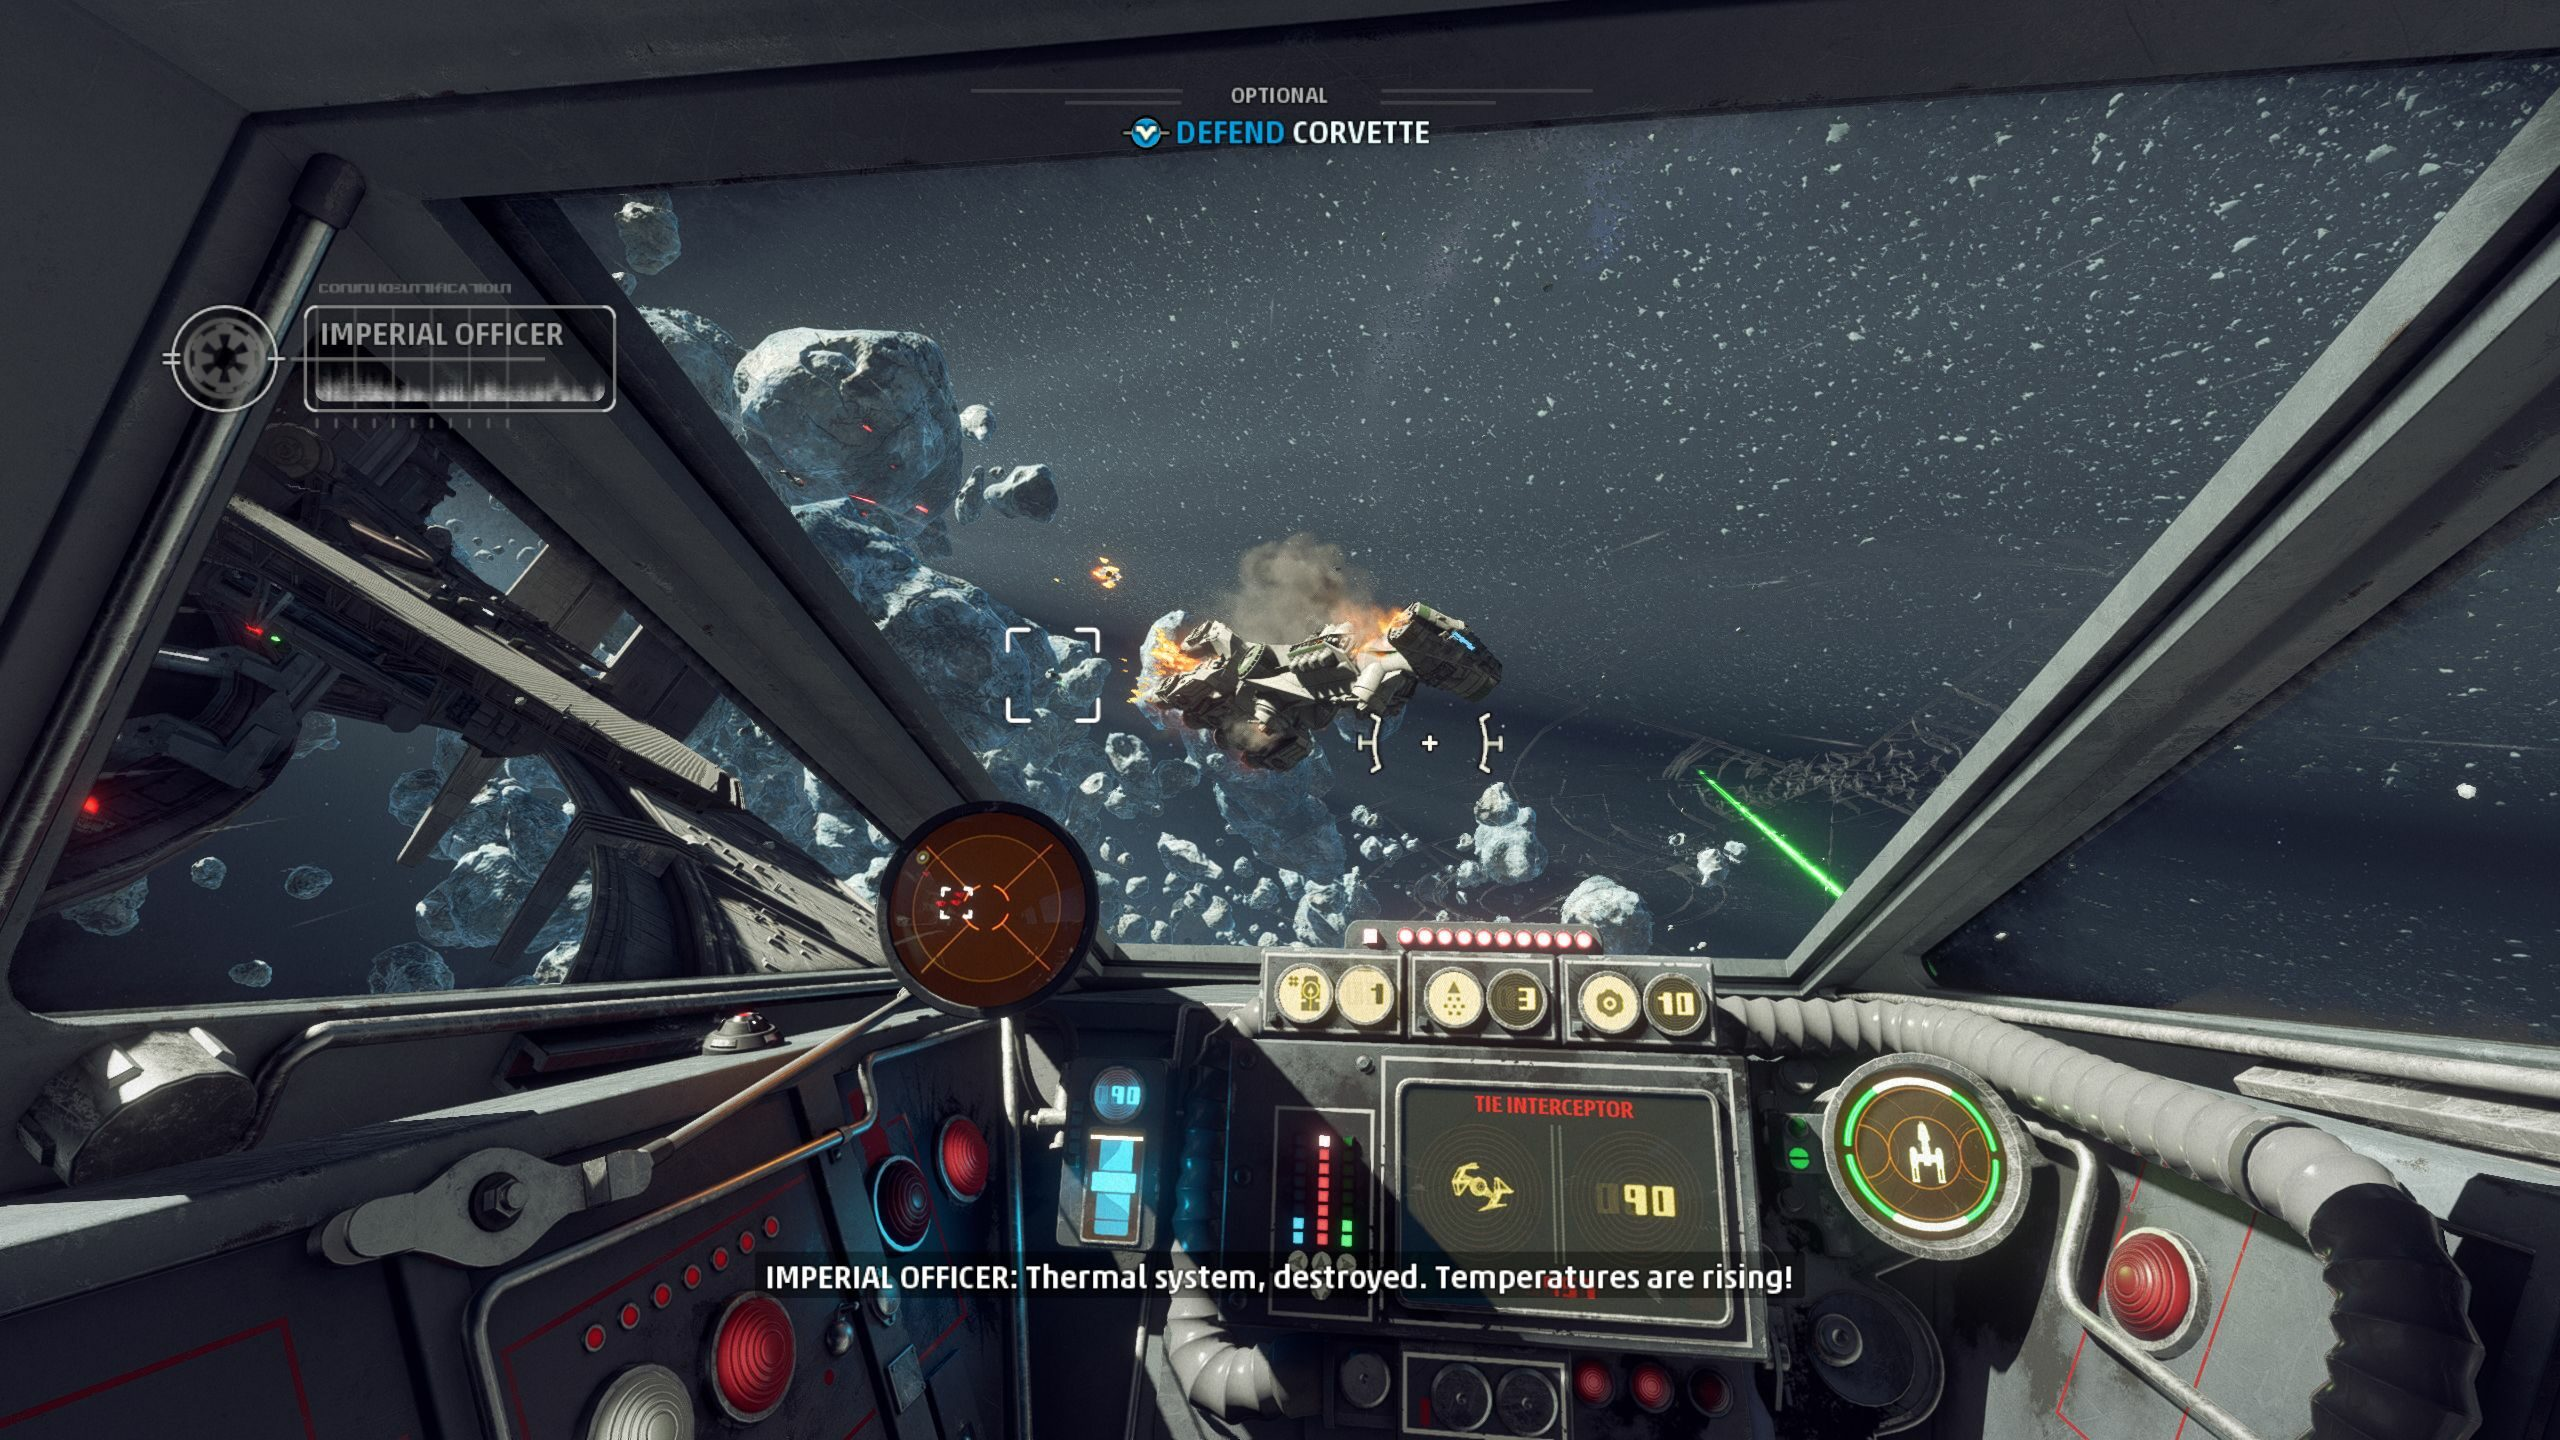 Il y a deux ans, un type s'est amusé à calculer l'aérodynamisme des vaisseaux de Star Wars. Sans surprise, les TIE sont des briques mais le Y-Wing ne s'en tire pas si mal, ce qui ne manquera pas de surprendre tous ceux qui ont déjà piloté ce veau.